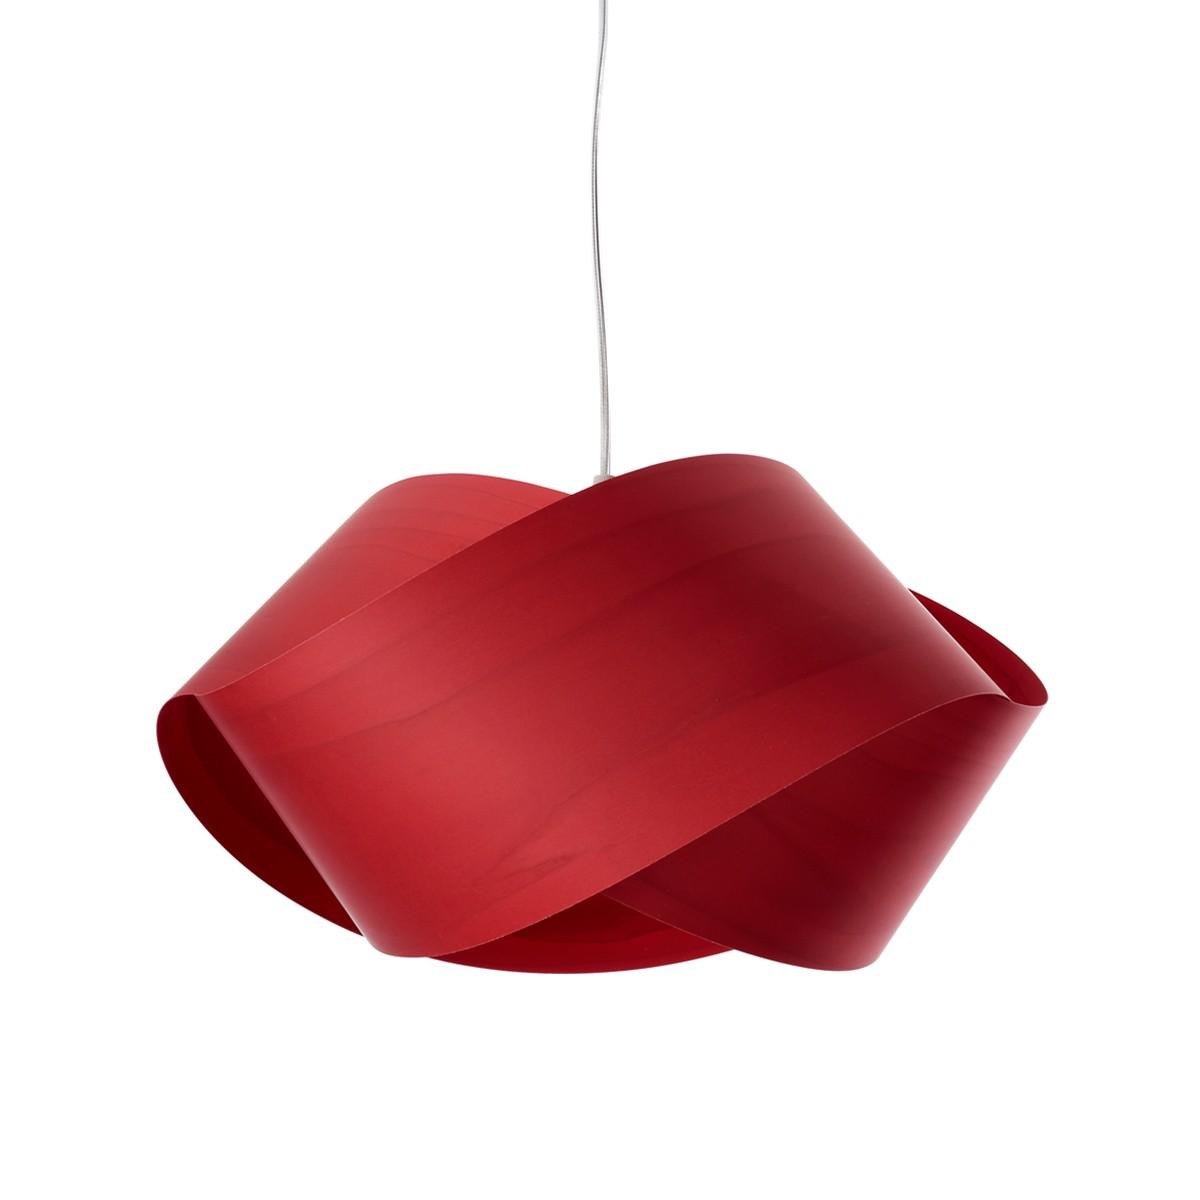 LZF Lamps Nut Pendelleuchte, rot